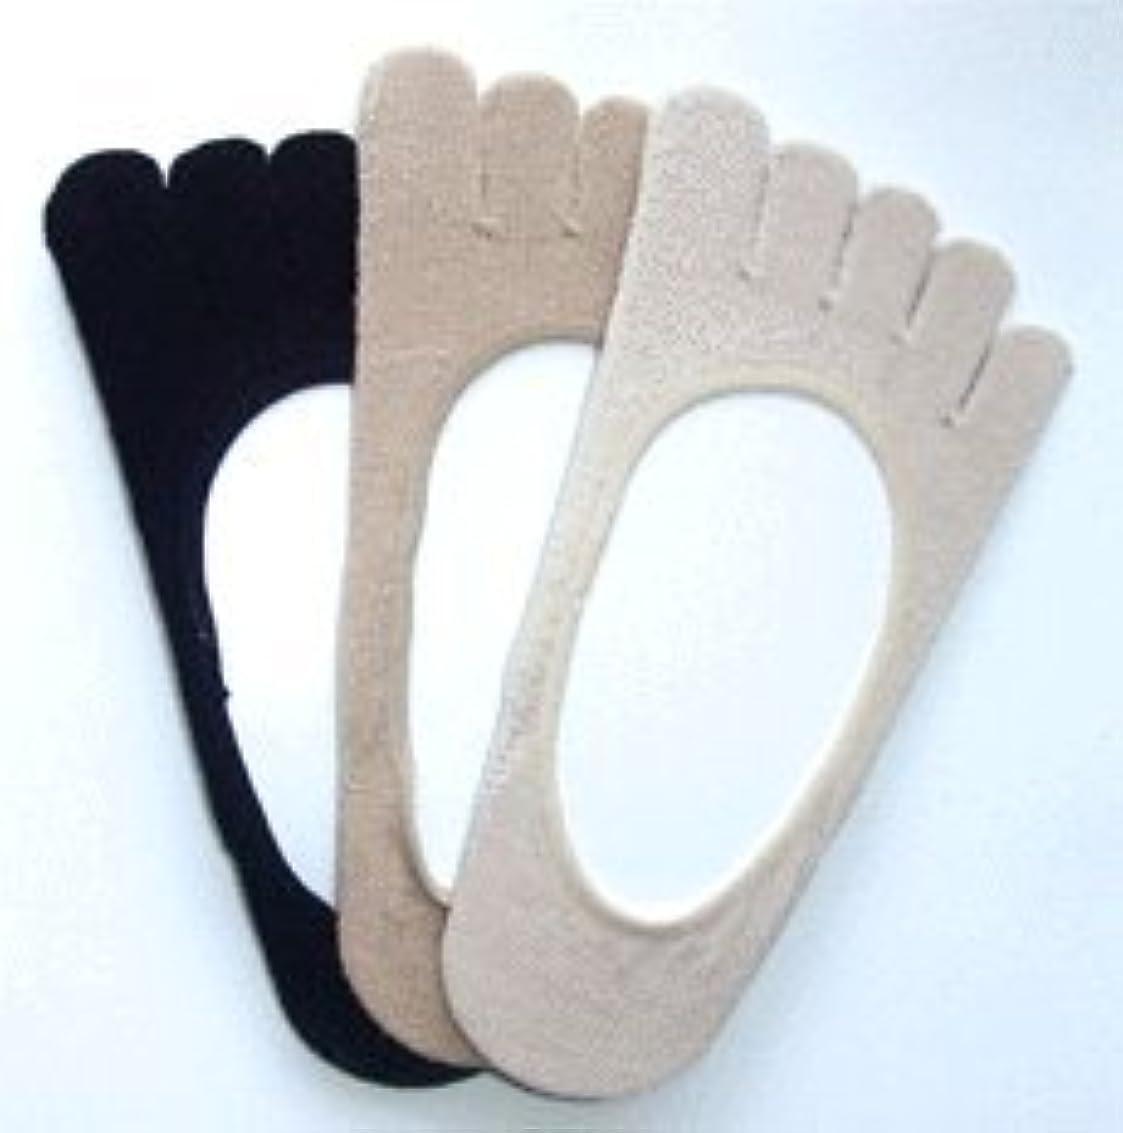 母音解明する気分が良い日本製 シルク五本指 フットカバー パンプスインソックス 3足組(ベージュ系2足、黒色1足)